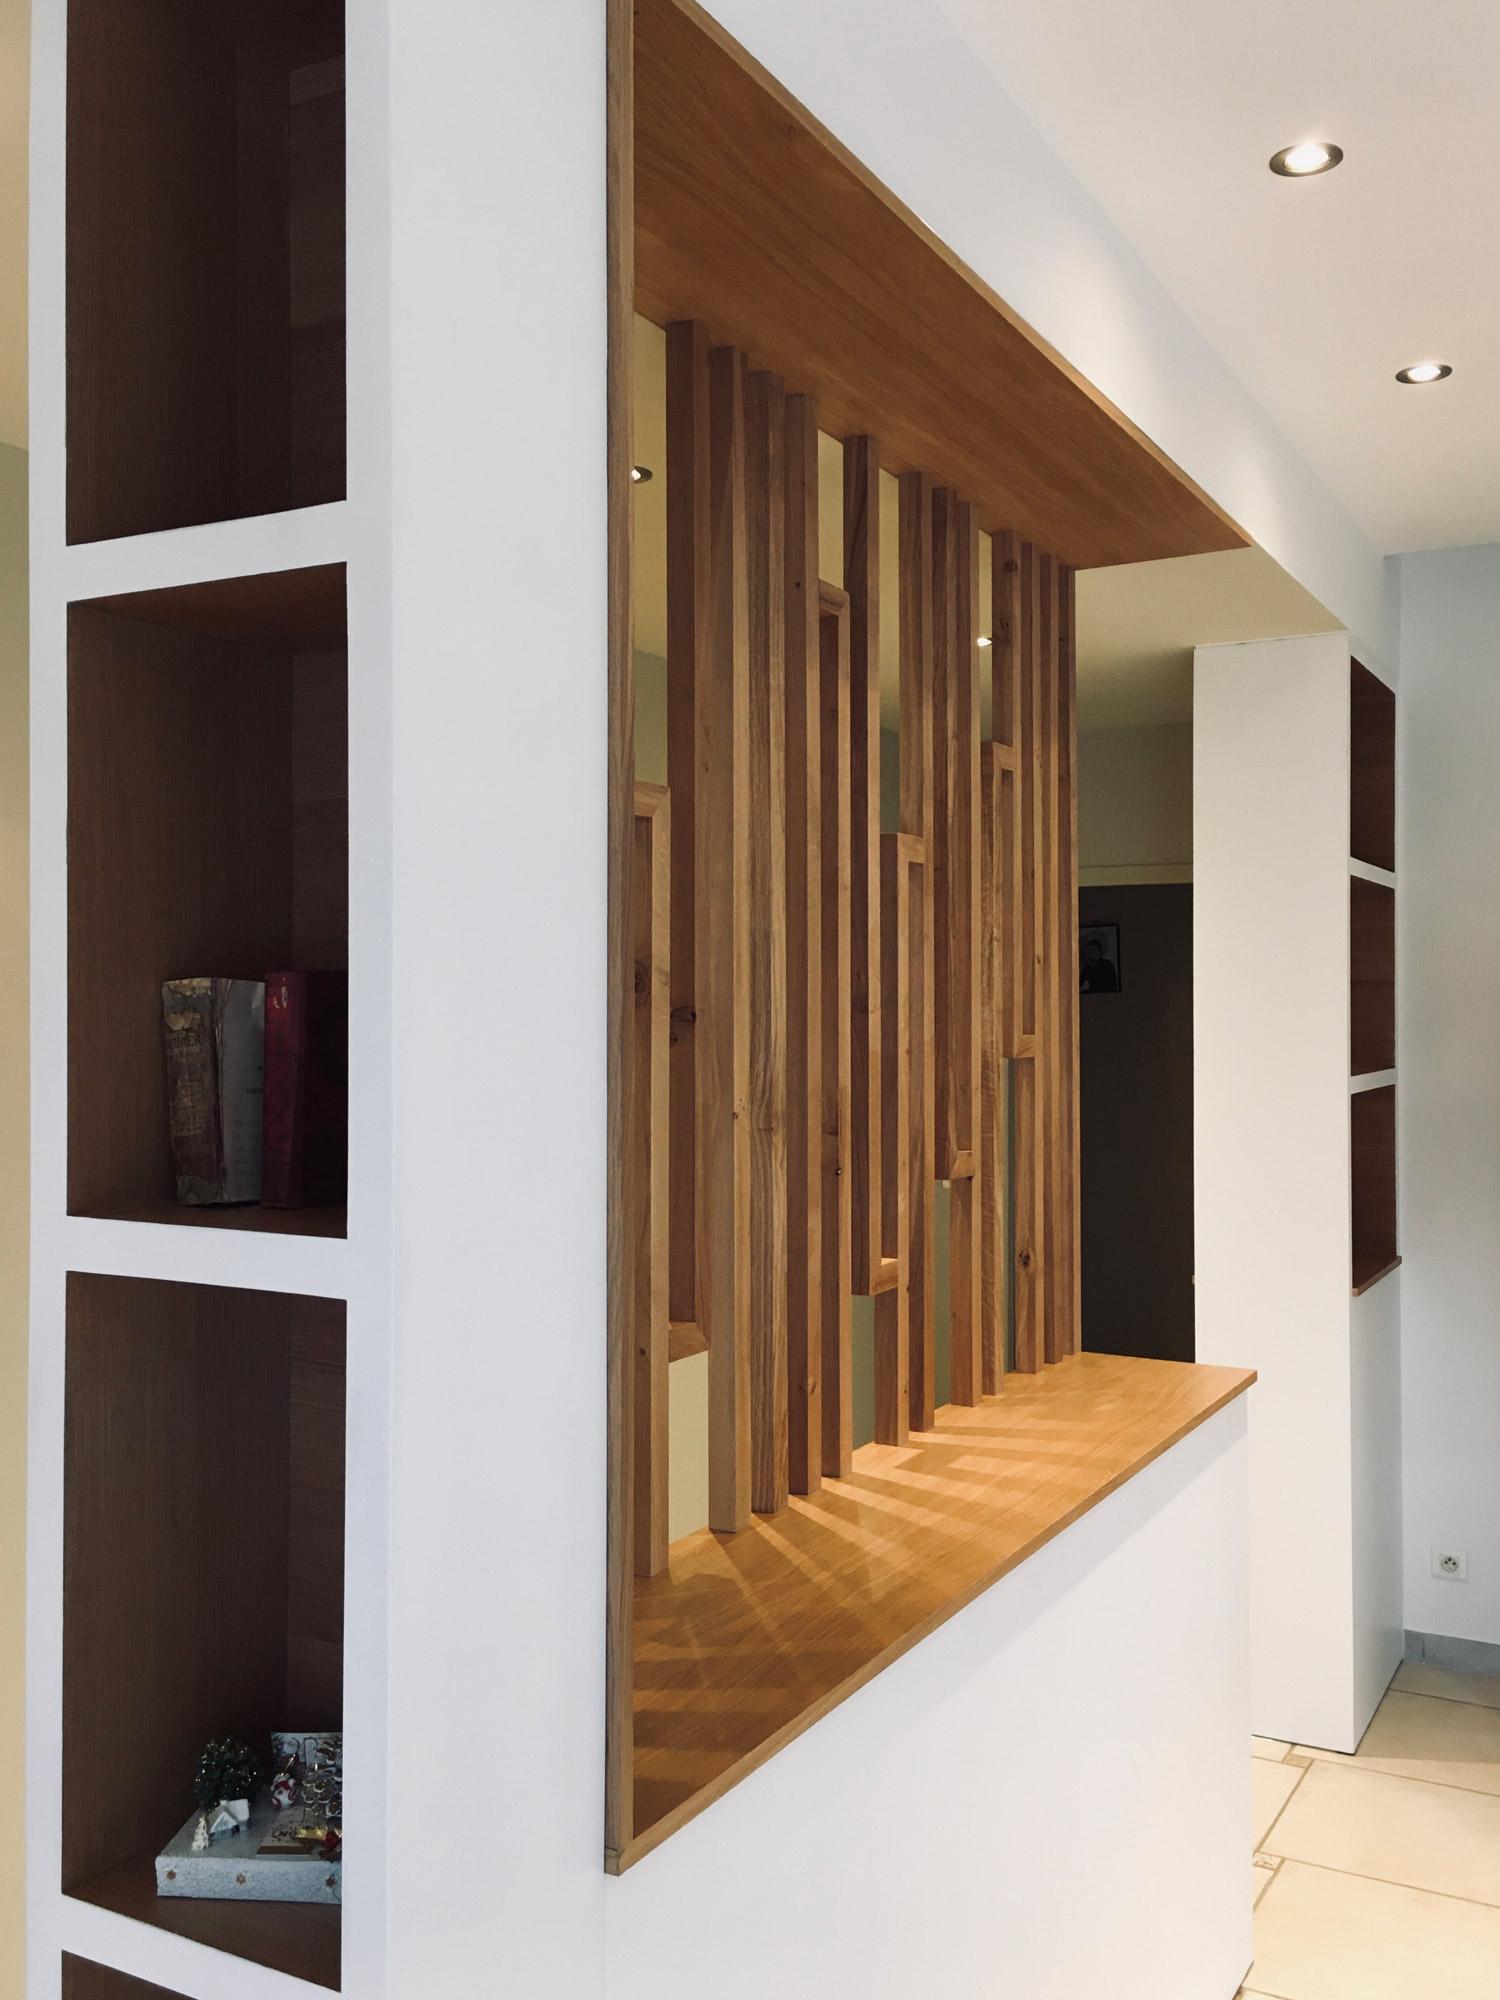 architecture montpellier renovation interieur mobilier sur mesure 6